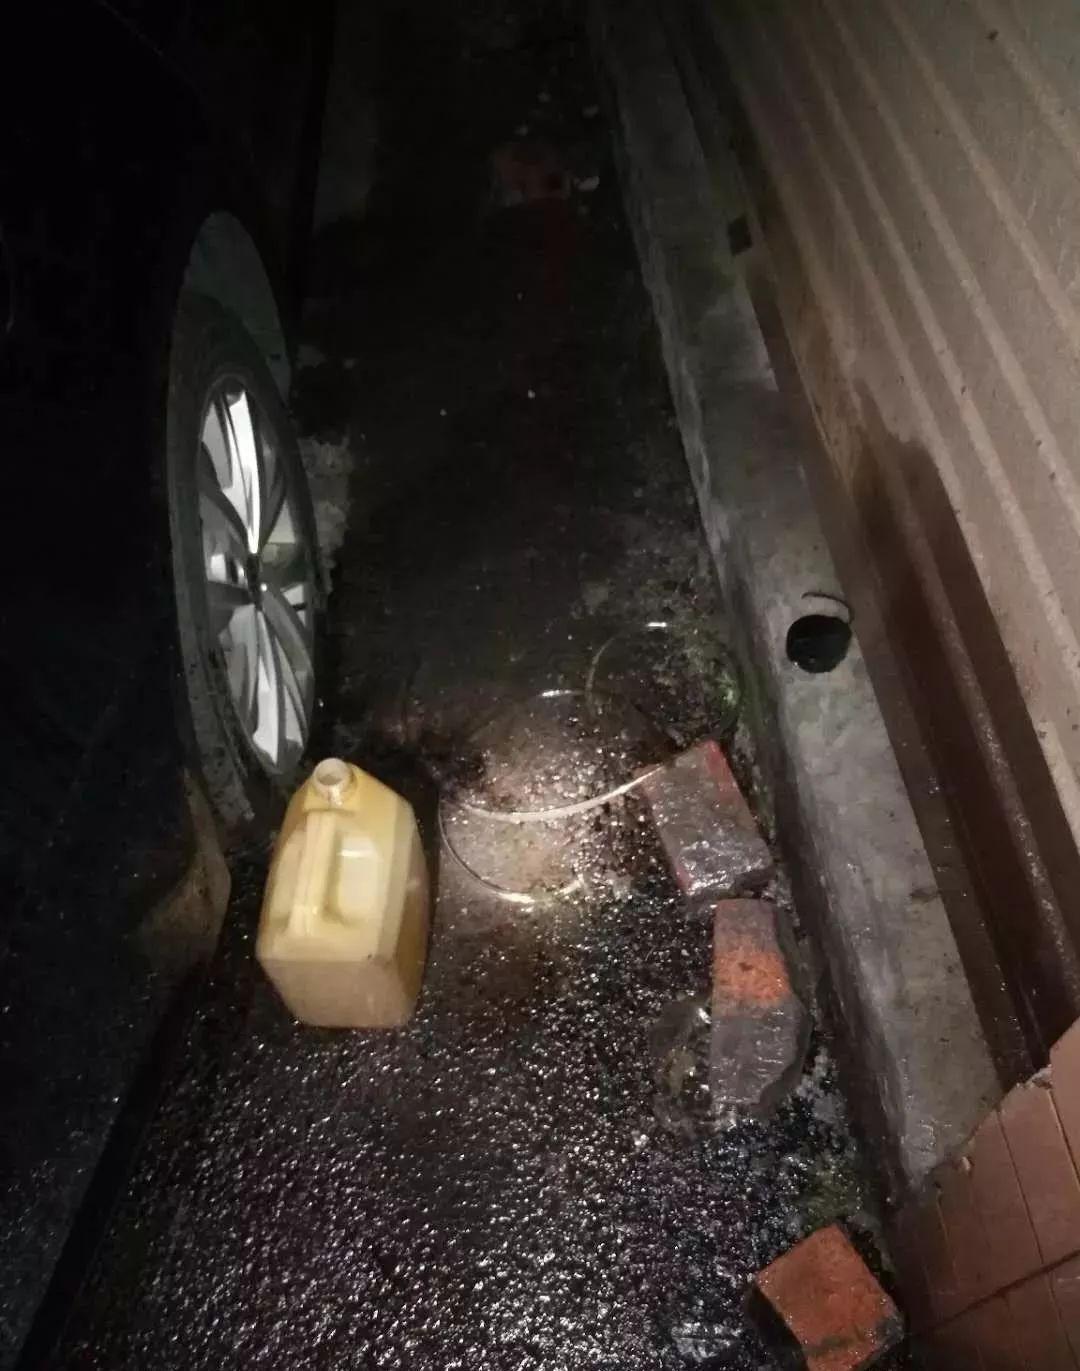 泸州男子用吸管偷油,被警方拘留10天